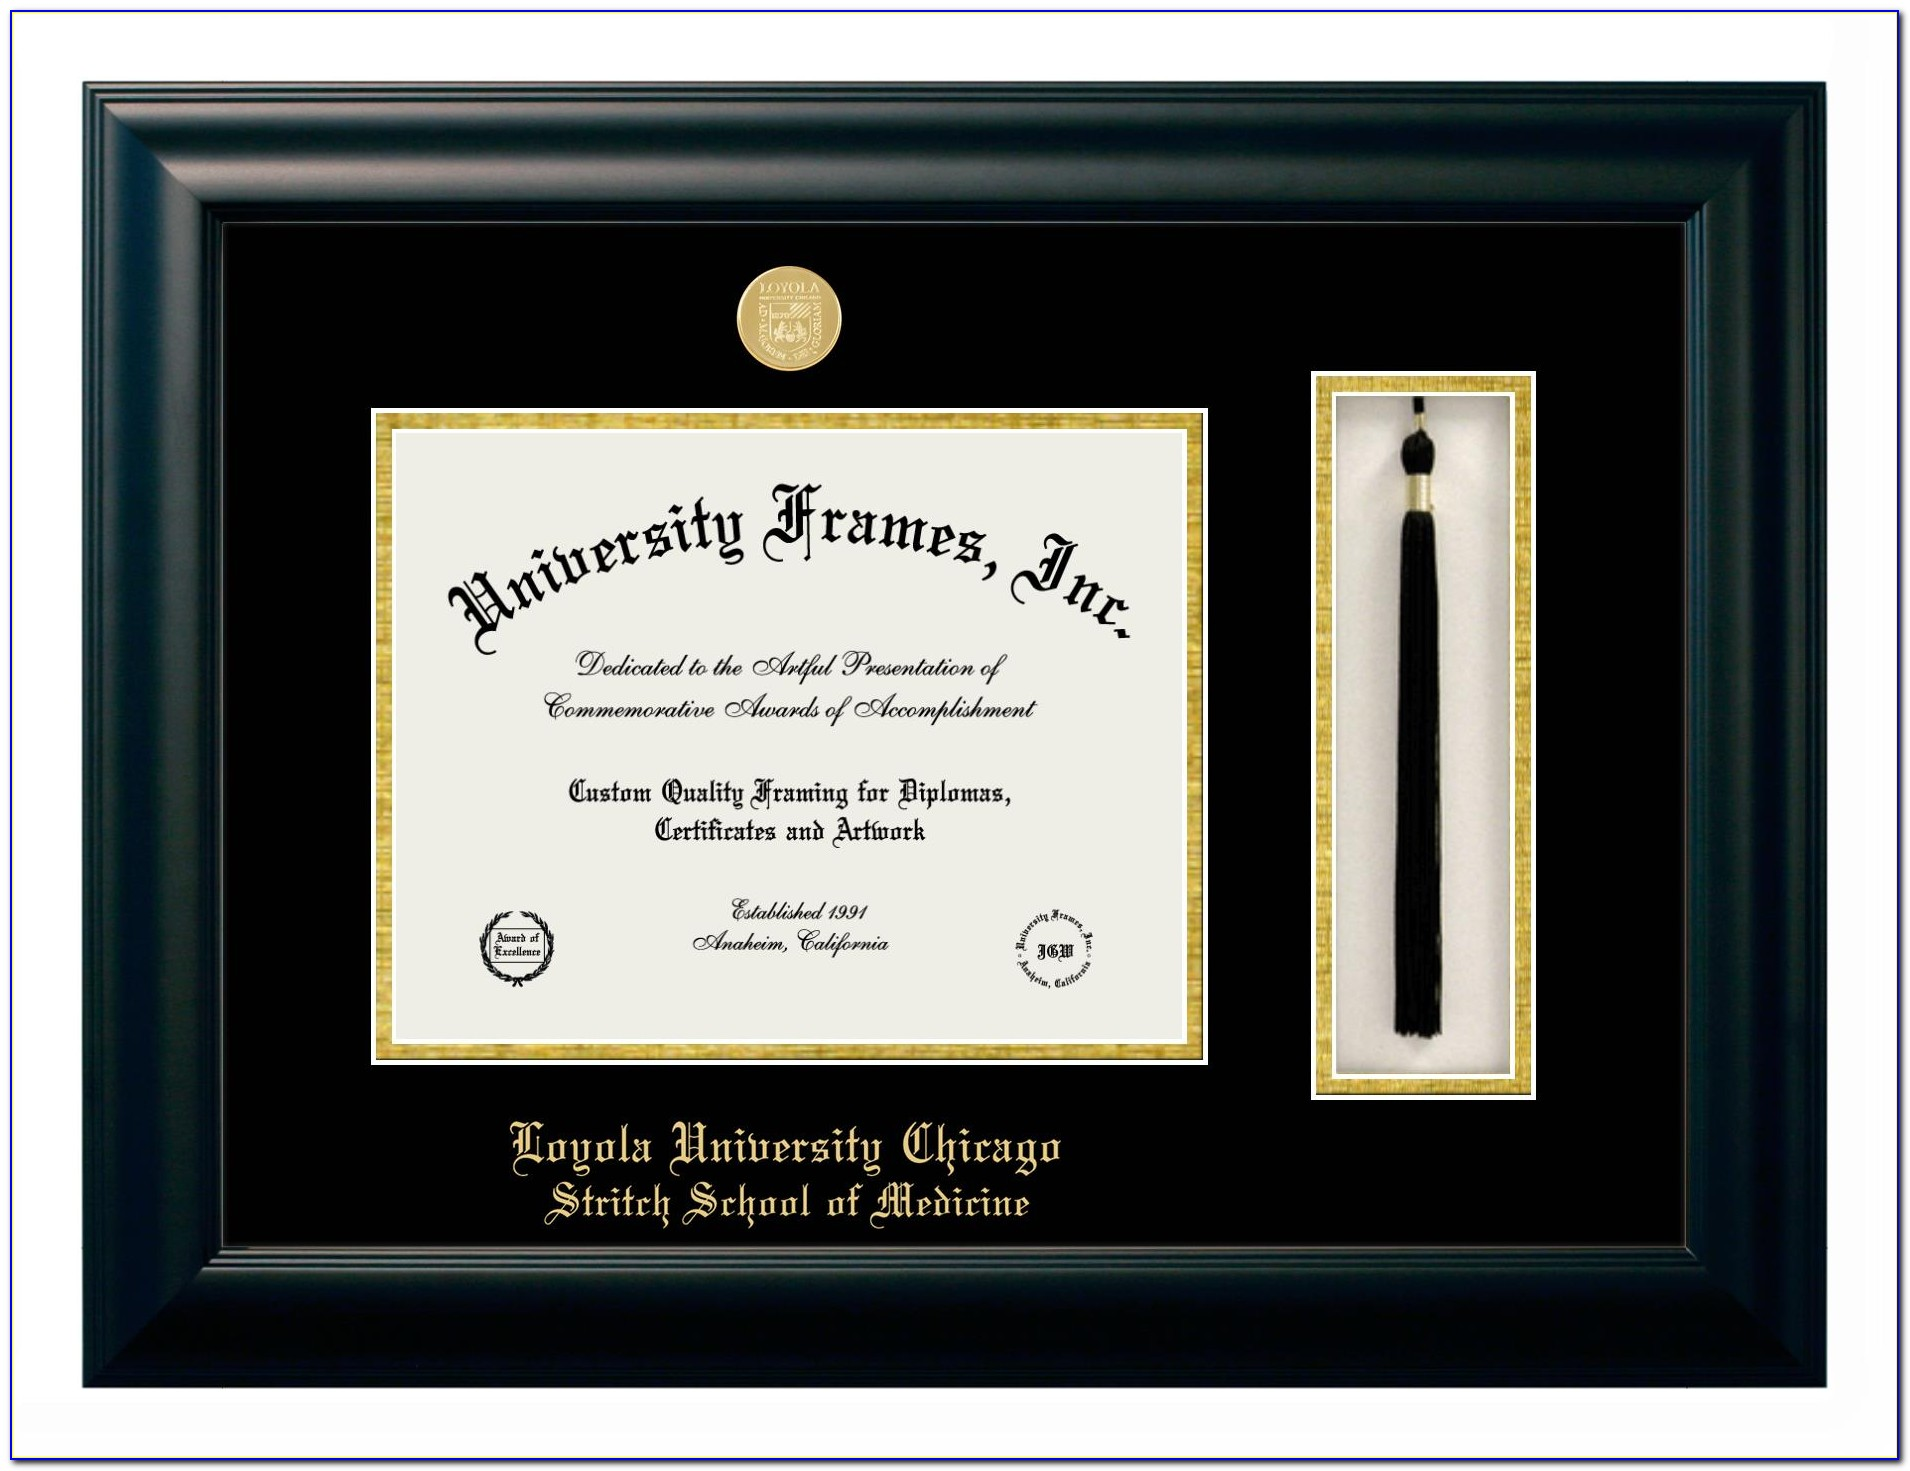 Lsu Graduation Announcements